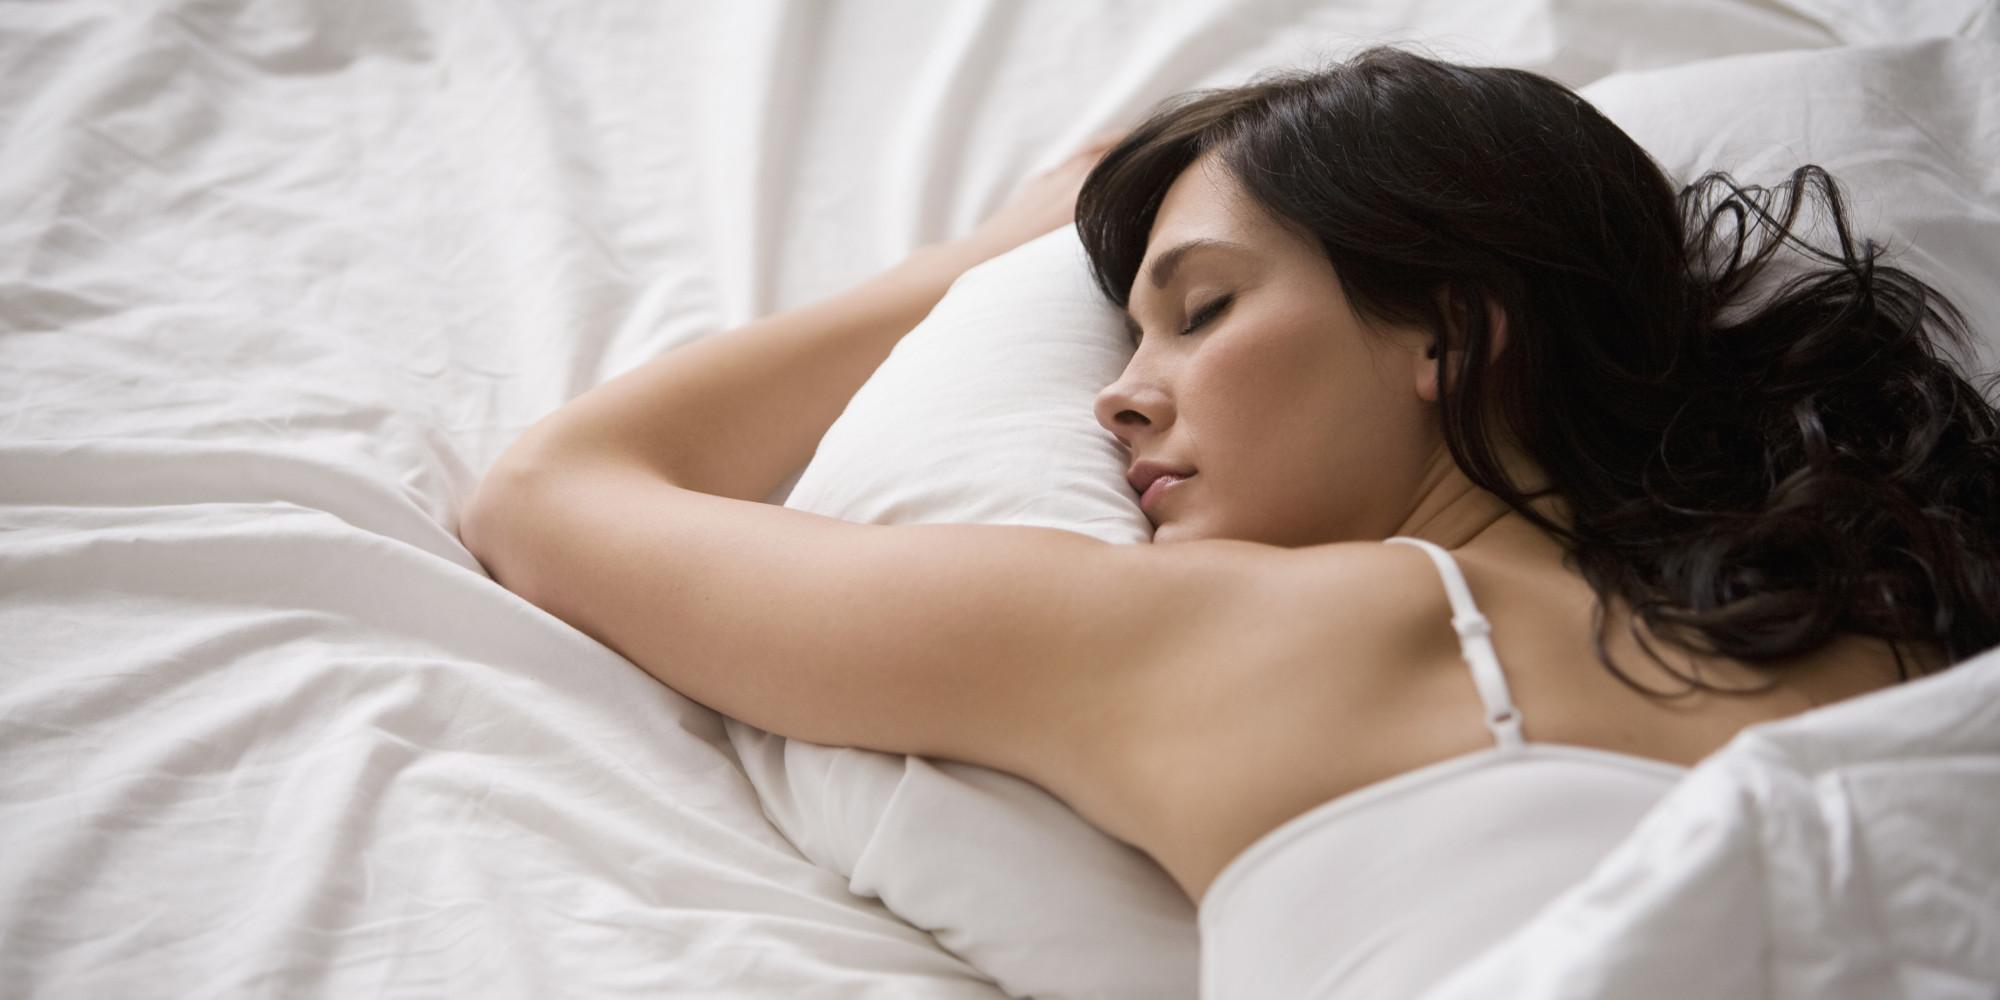 Colchones Terrassa: Dormir las horas necesarias